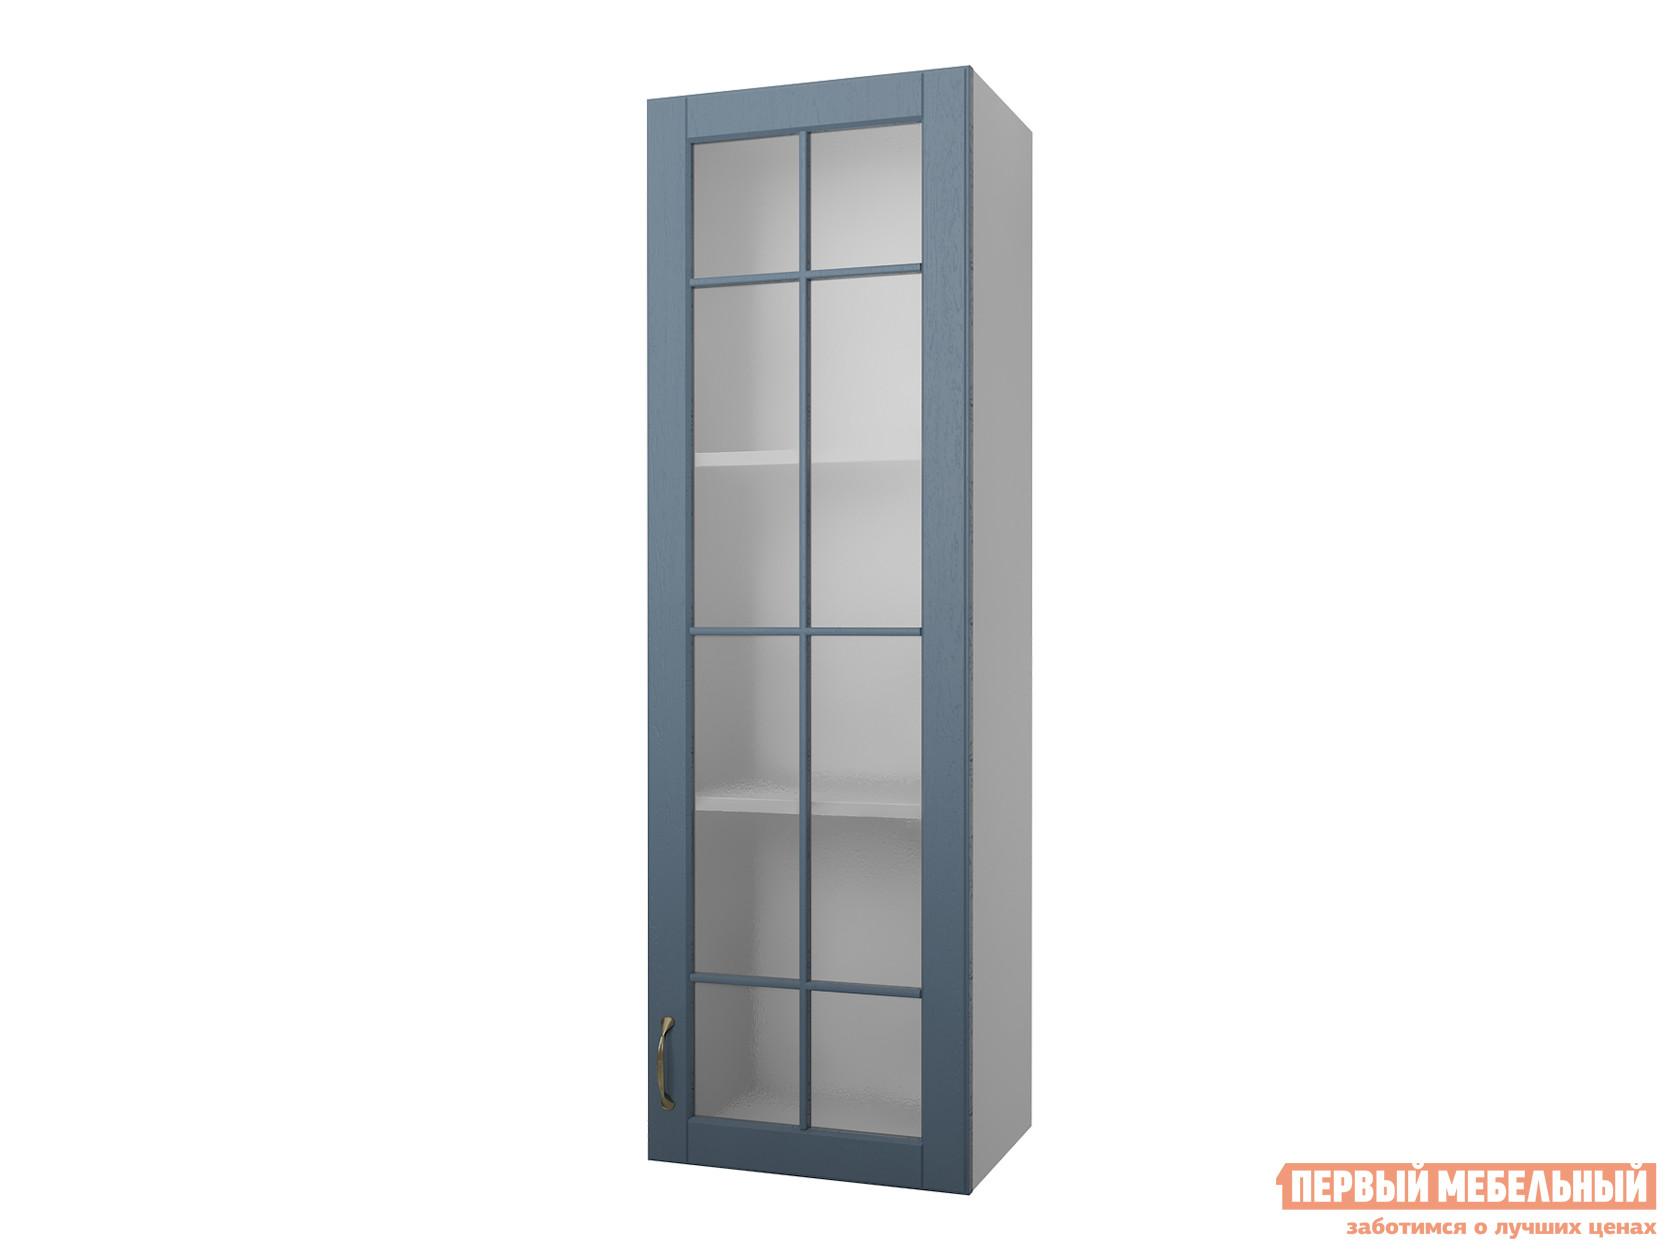 Кухонный модуль Первый Мебельный Полупенал навесной Н=130 см 1 дверь со стеклом 40 Палермо